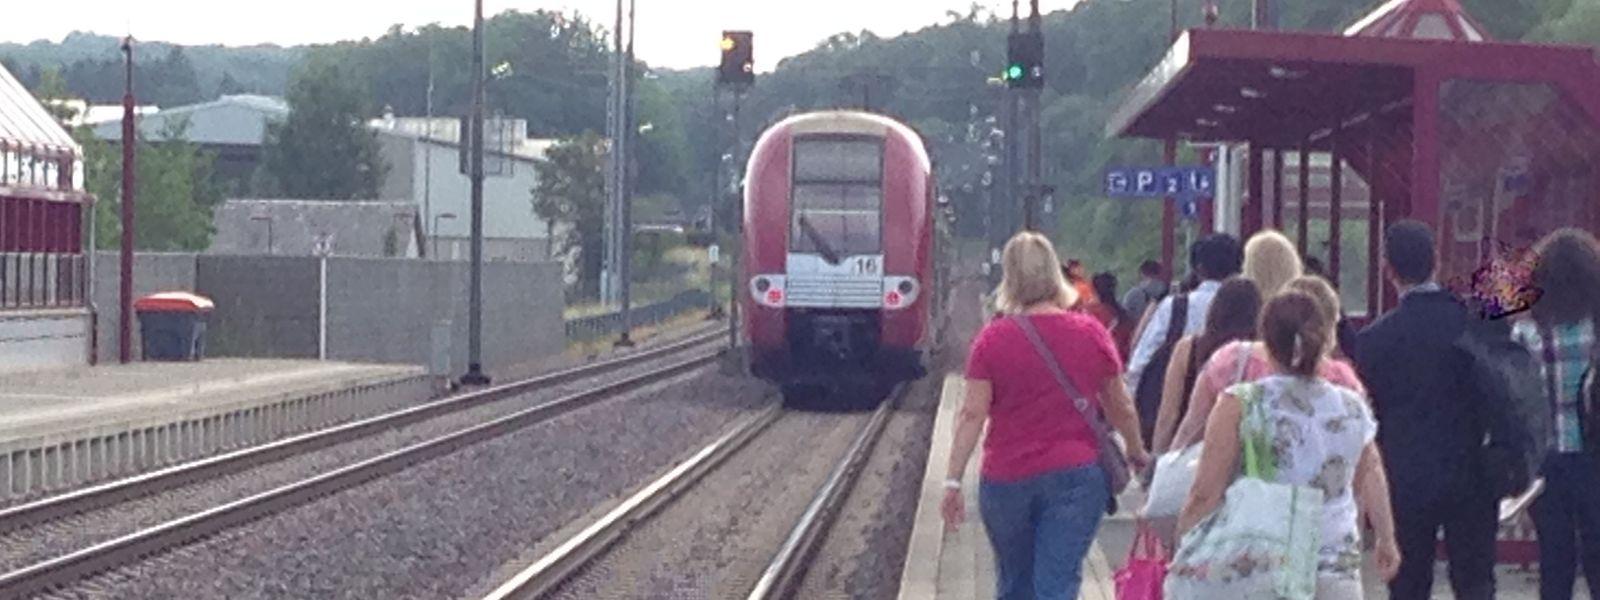 Il a en effet été décidé, le 3 mai dernier, que le train direct faisant Luxembourg/Volmerange serait supprimé en 2018, afin de désengorger le trafic toujours plus dense de la gare centrale.